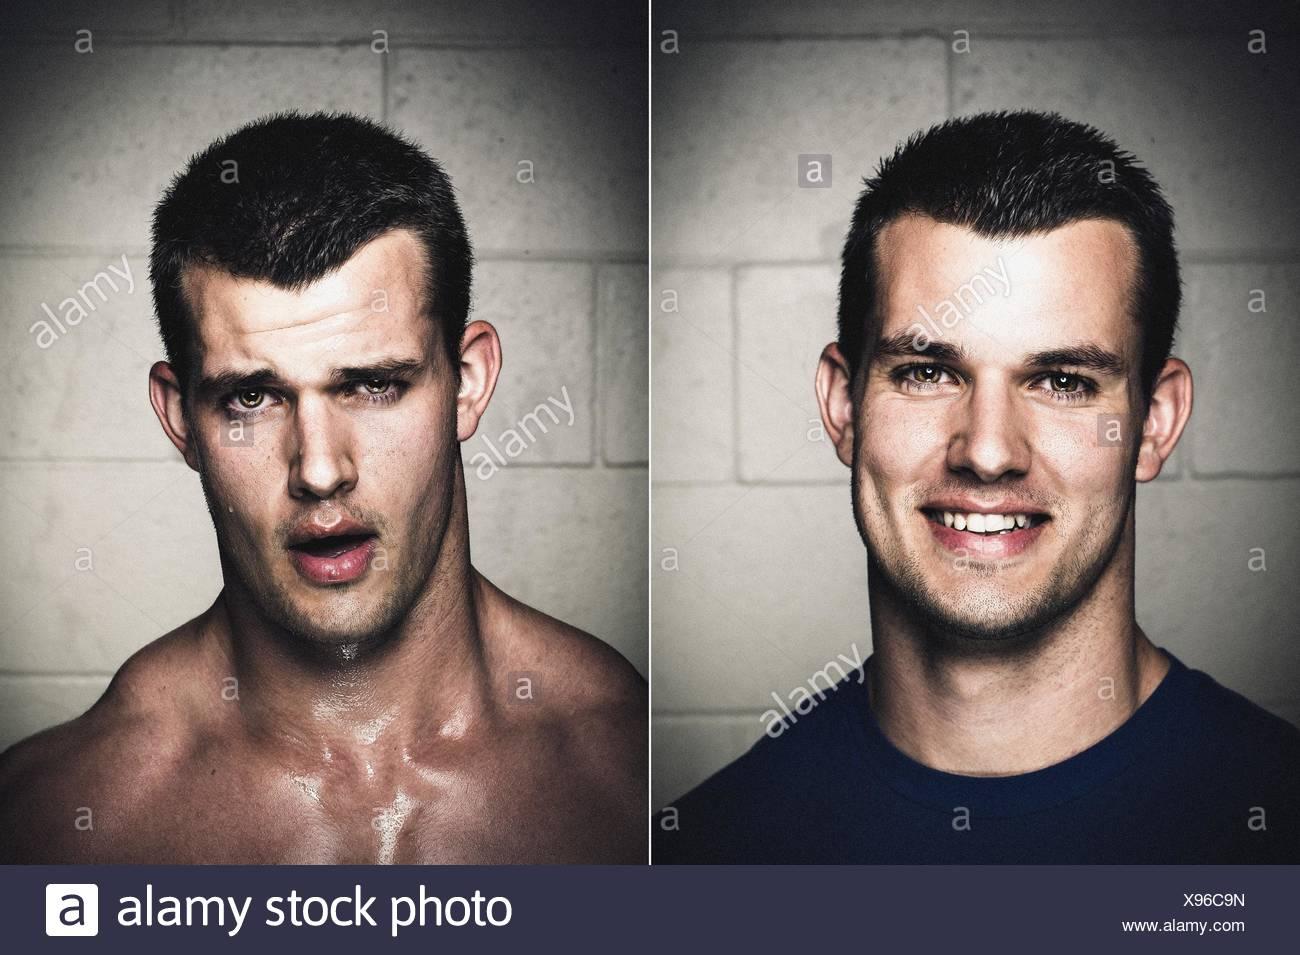 Portraits de jeune homme avant et après entraînement Photo Stock